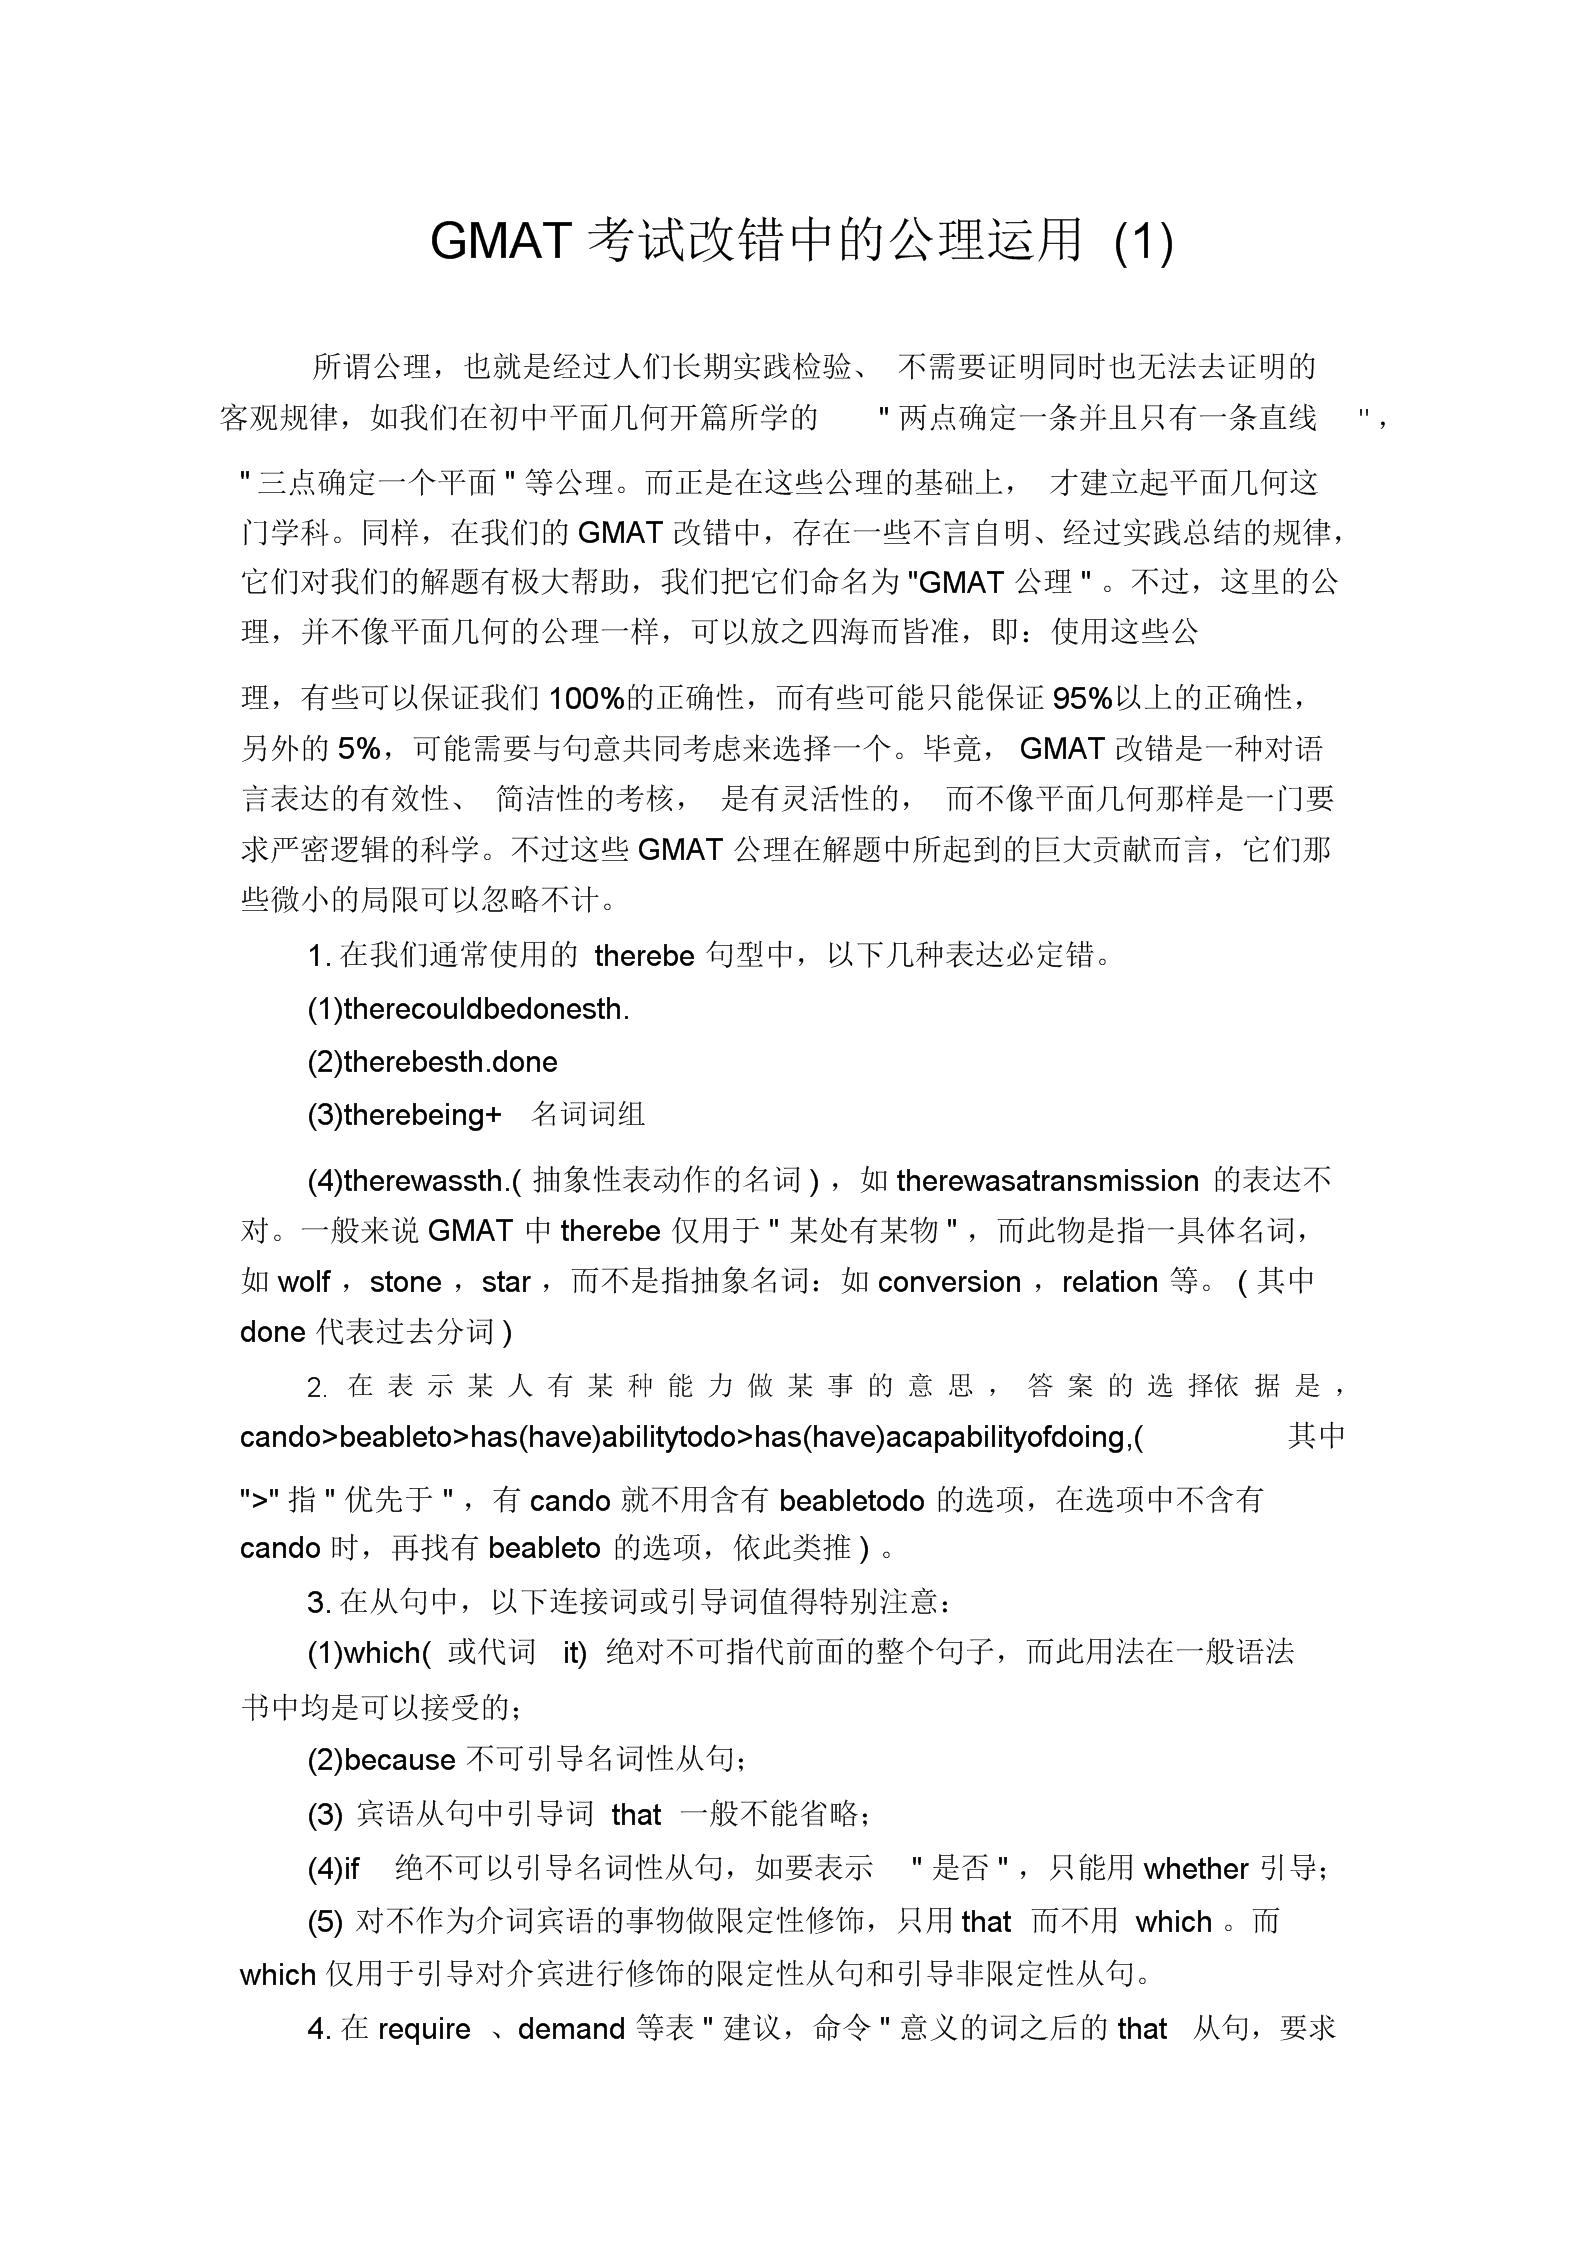 GMAT考试改错中的公理运用.docx